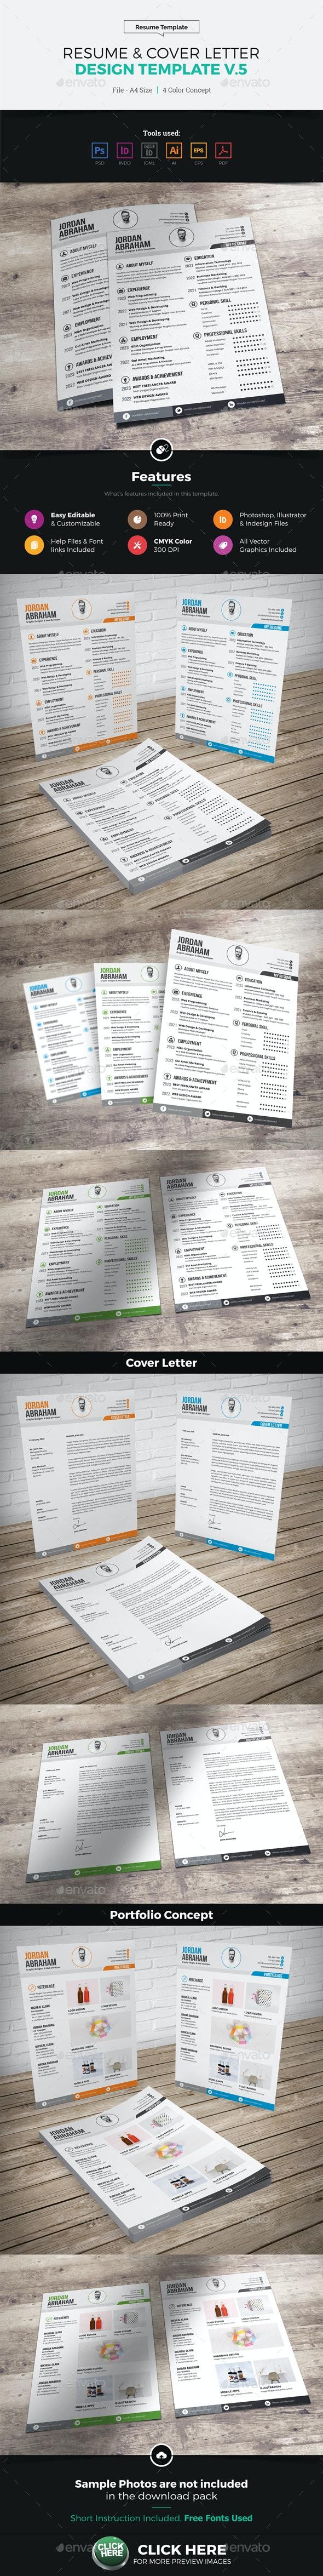 Resume & Cover Letter Design v5 - Resumes Stationery